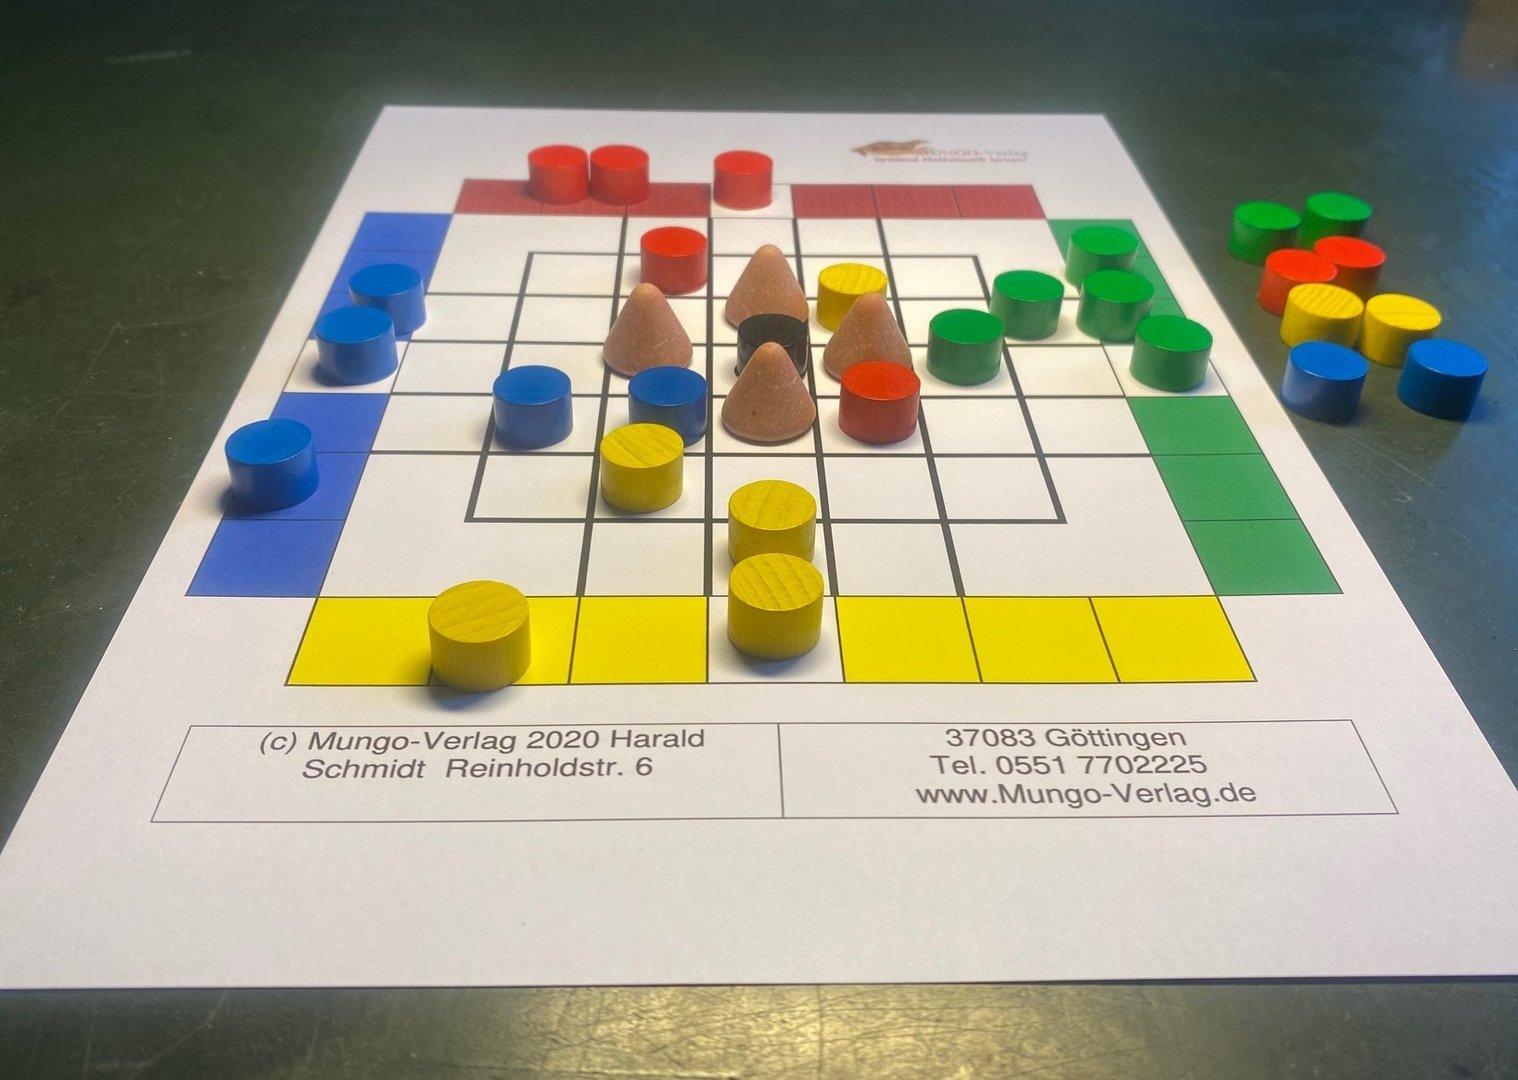 Bild des Spiels Jumper